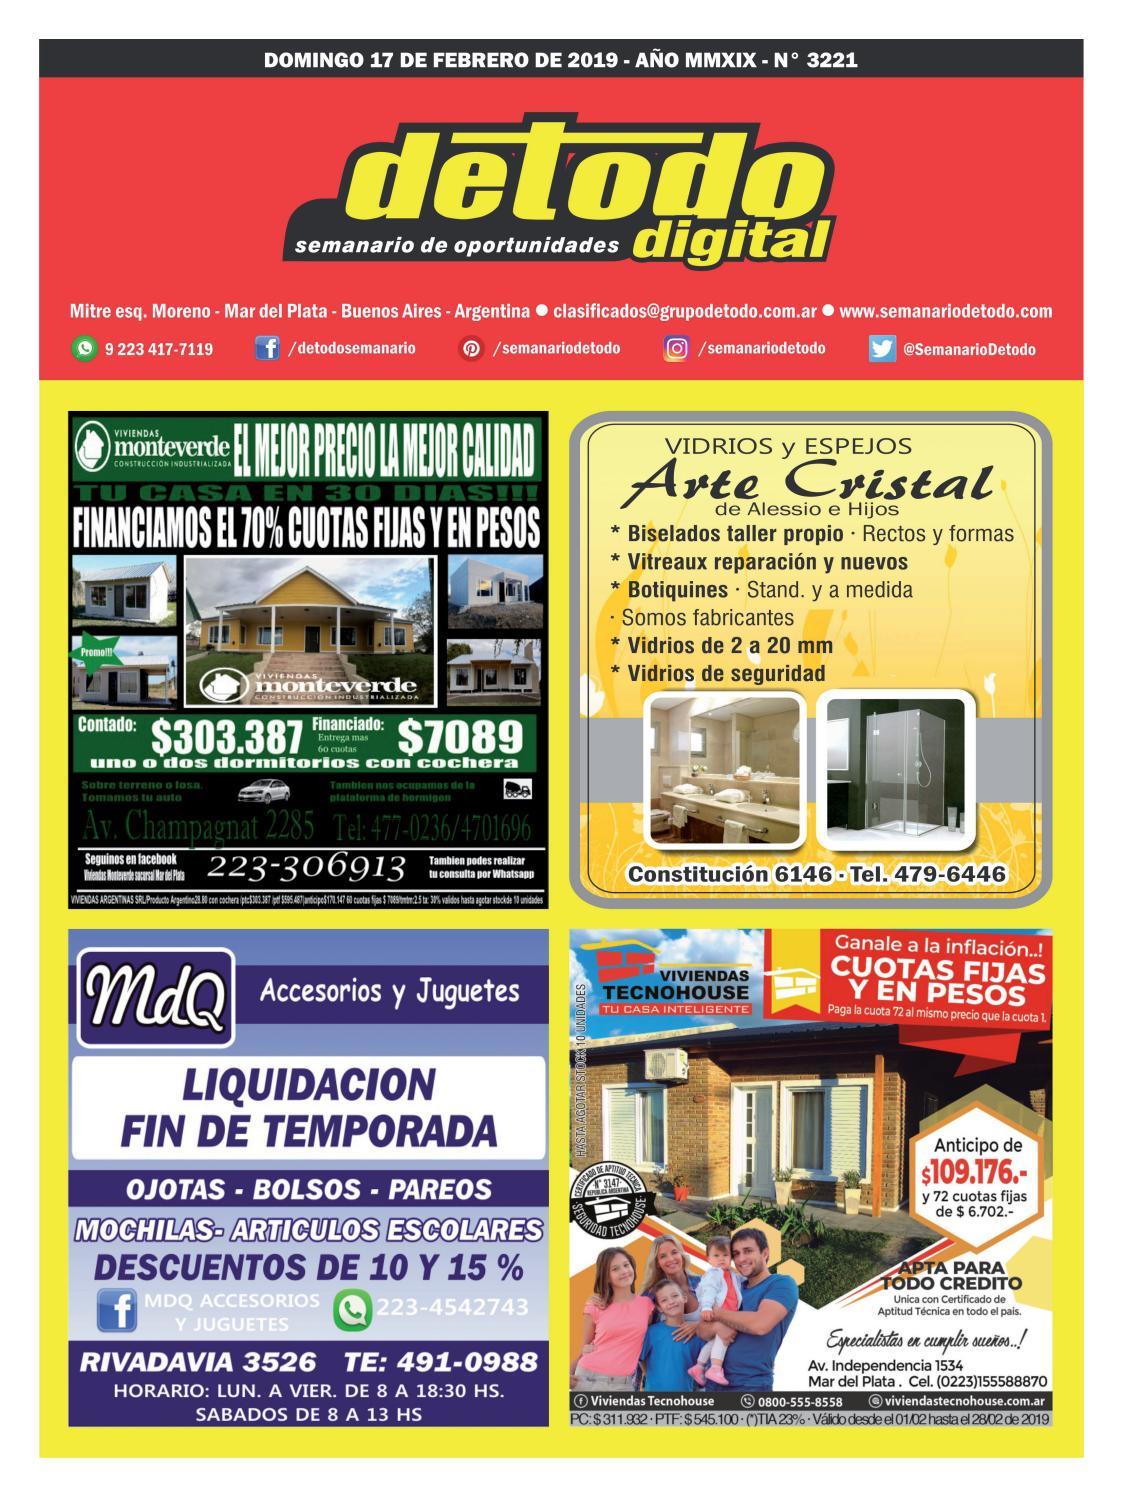 07bf0be6d384 Semanario Detodo - Edición N° 3221 - 17 02 2019 by Semanario Detodo - issuu